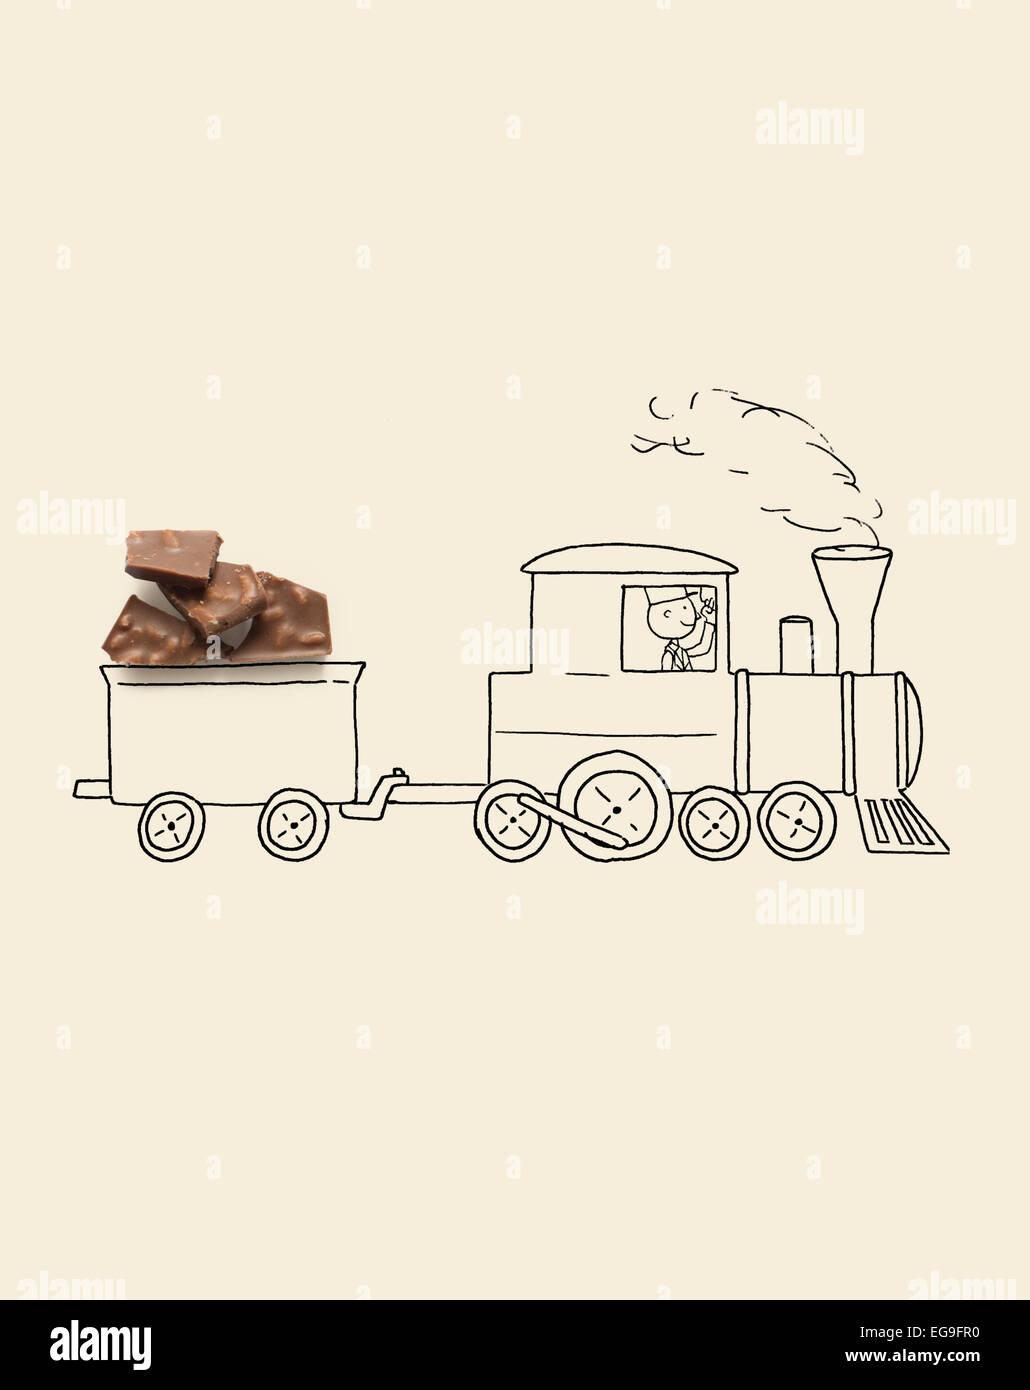 Le train de marchandises conceptuel avec wagon de marchandises Photo Stock